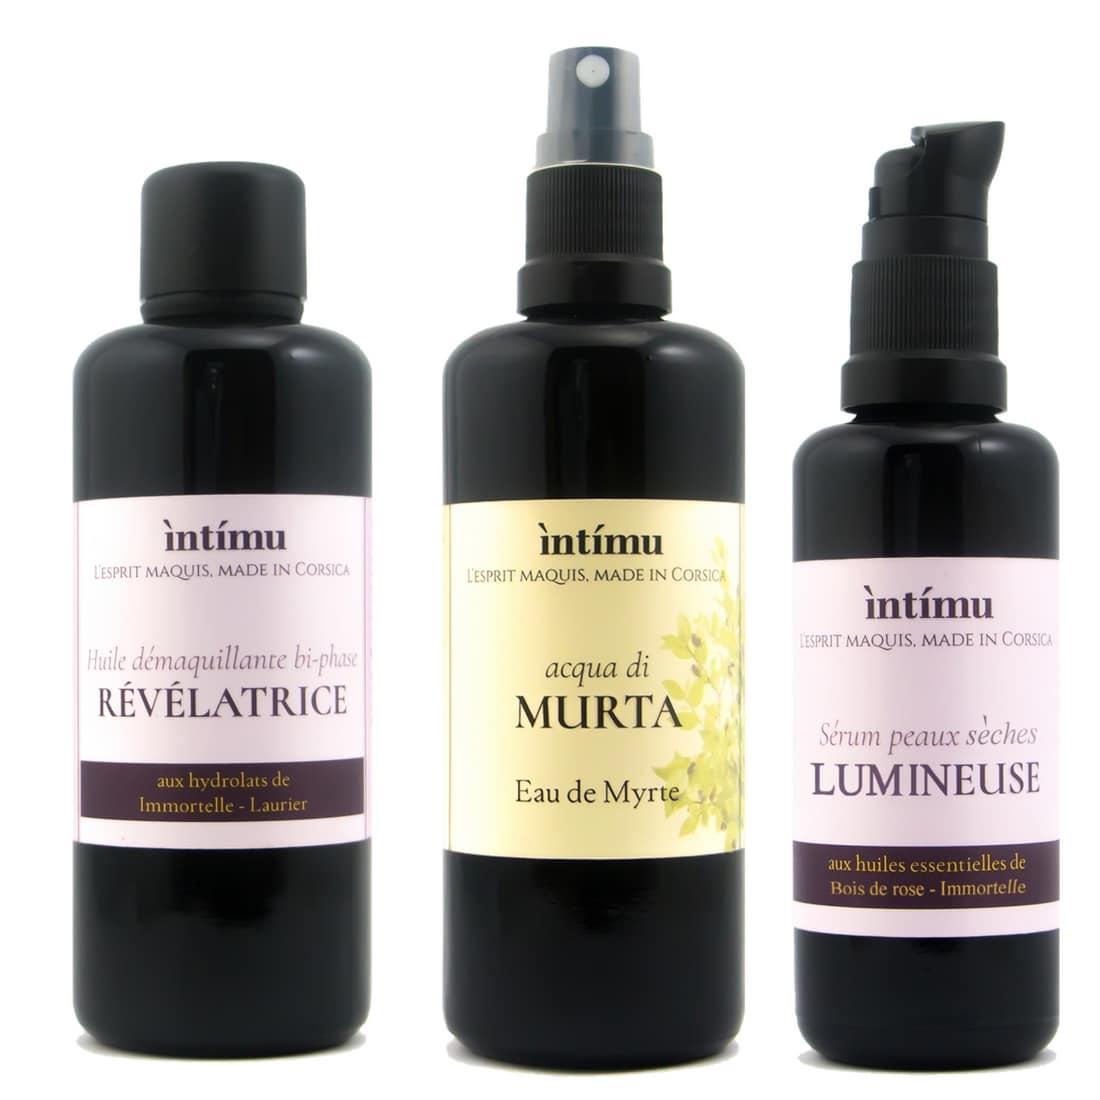 routine peau sèche intimu